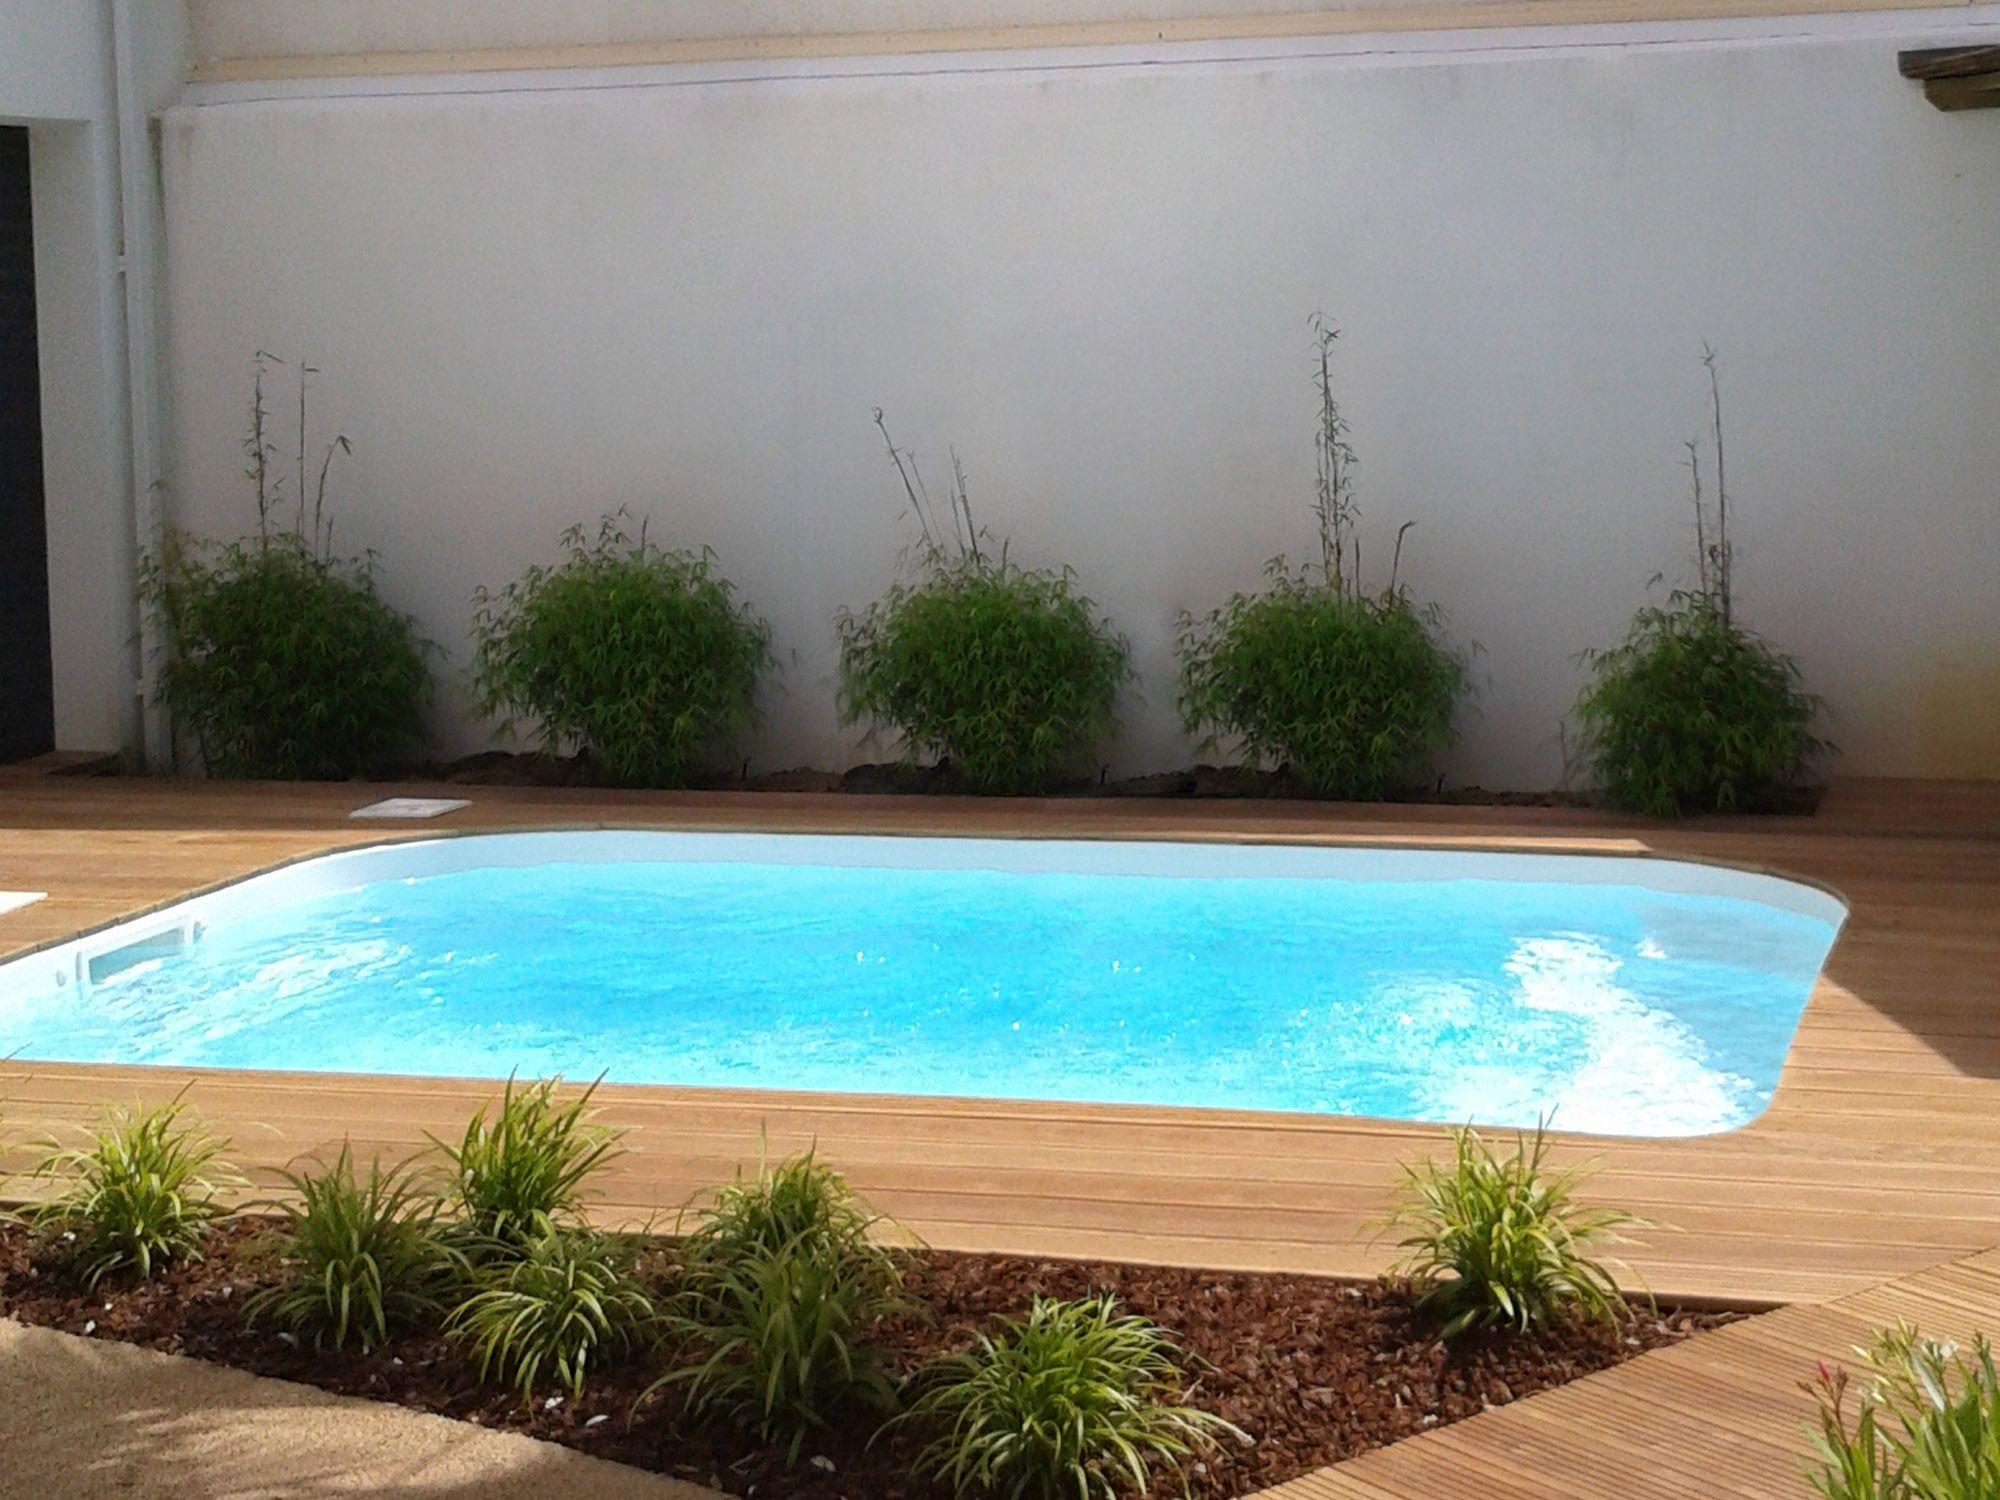 Mini piscine petite piscine coque polyester fabrication francaise piscine sans permis fond for Petite piscine coque